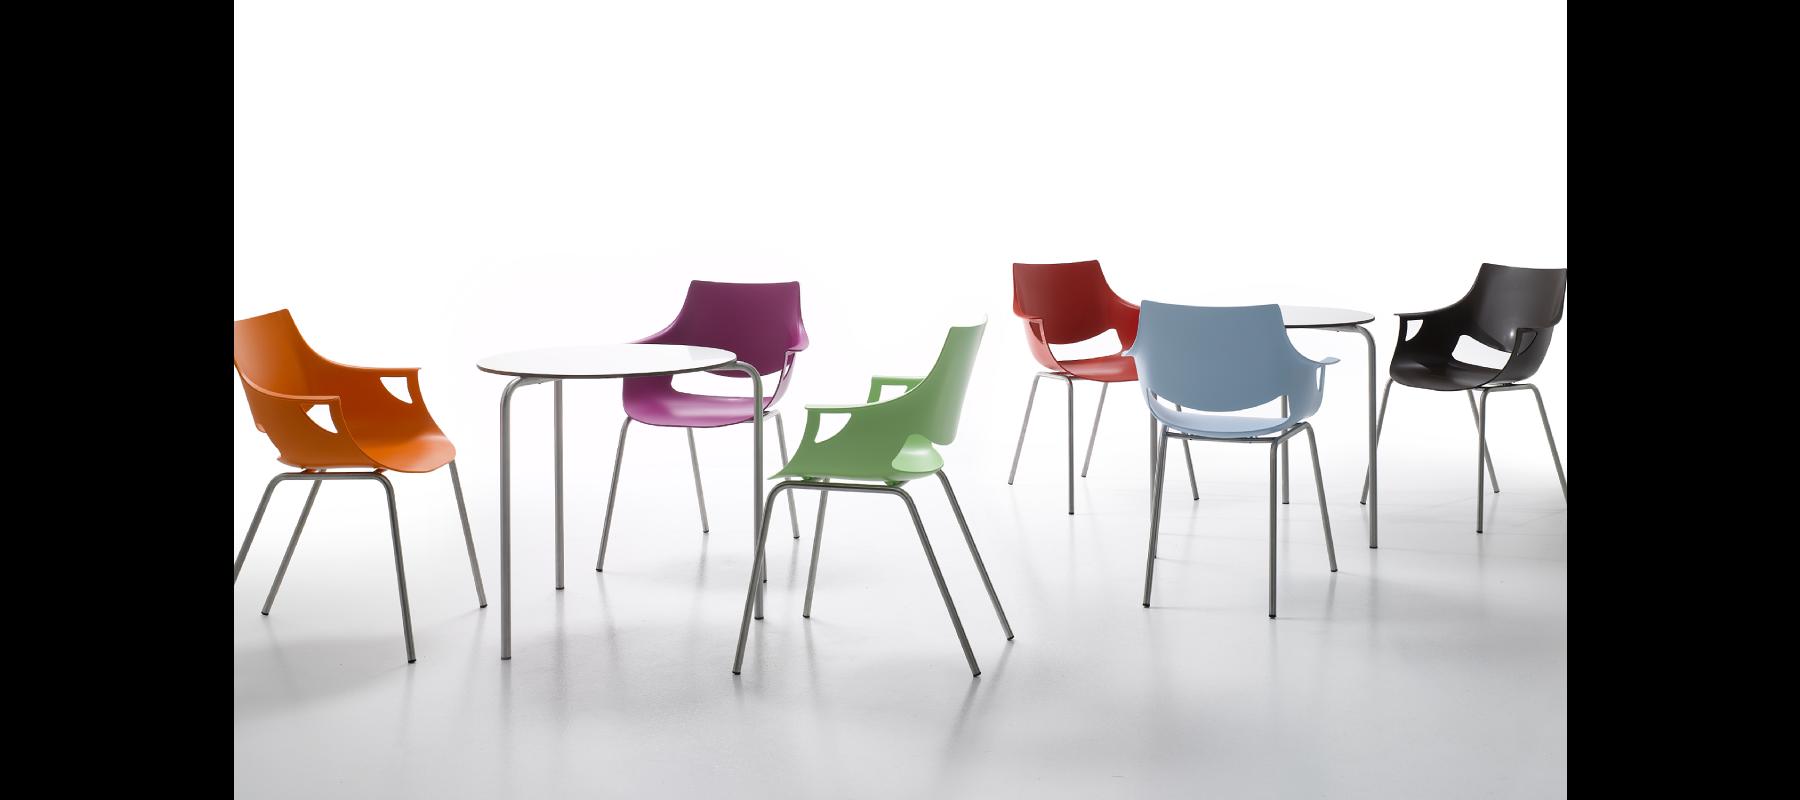 krzesła stacjonarne fano aranżacje - 04